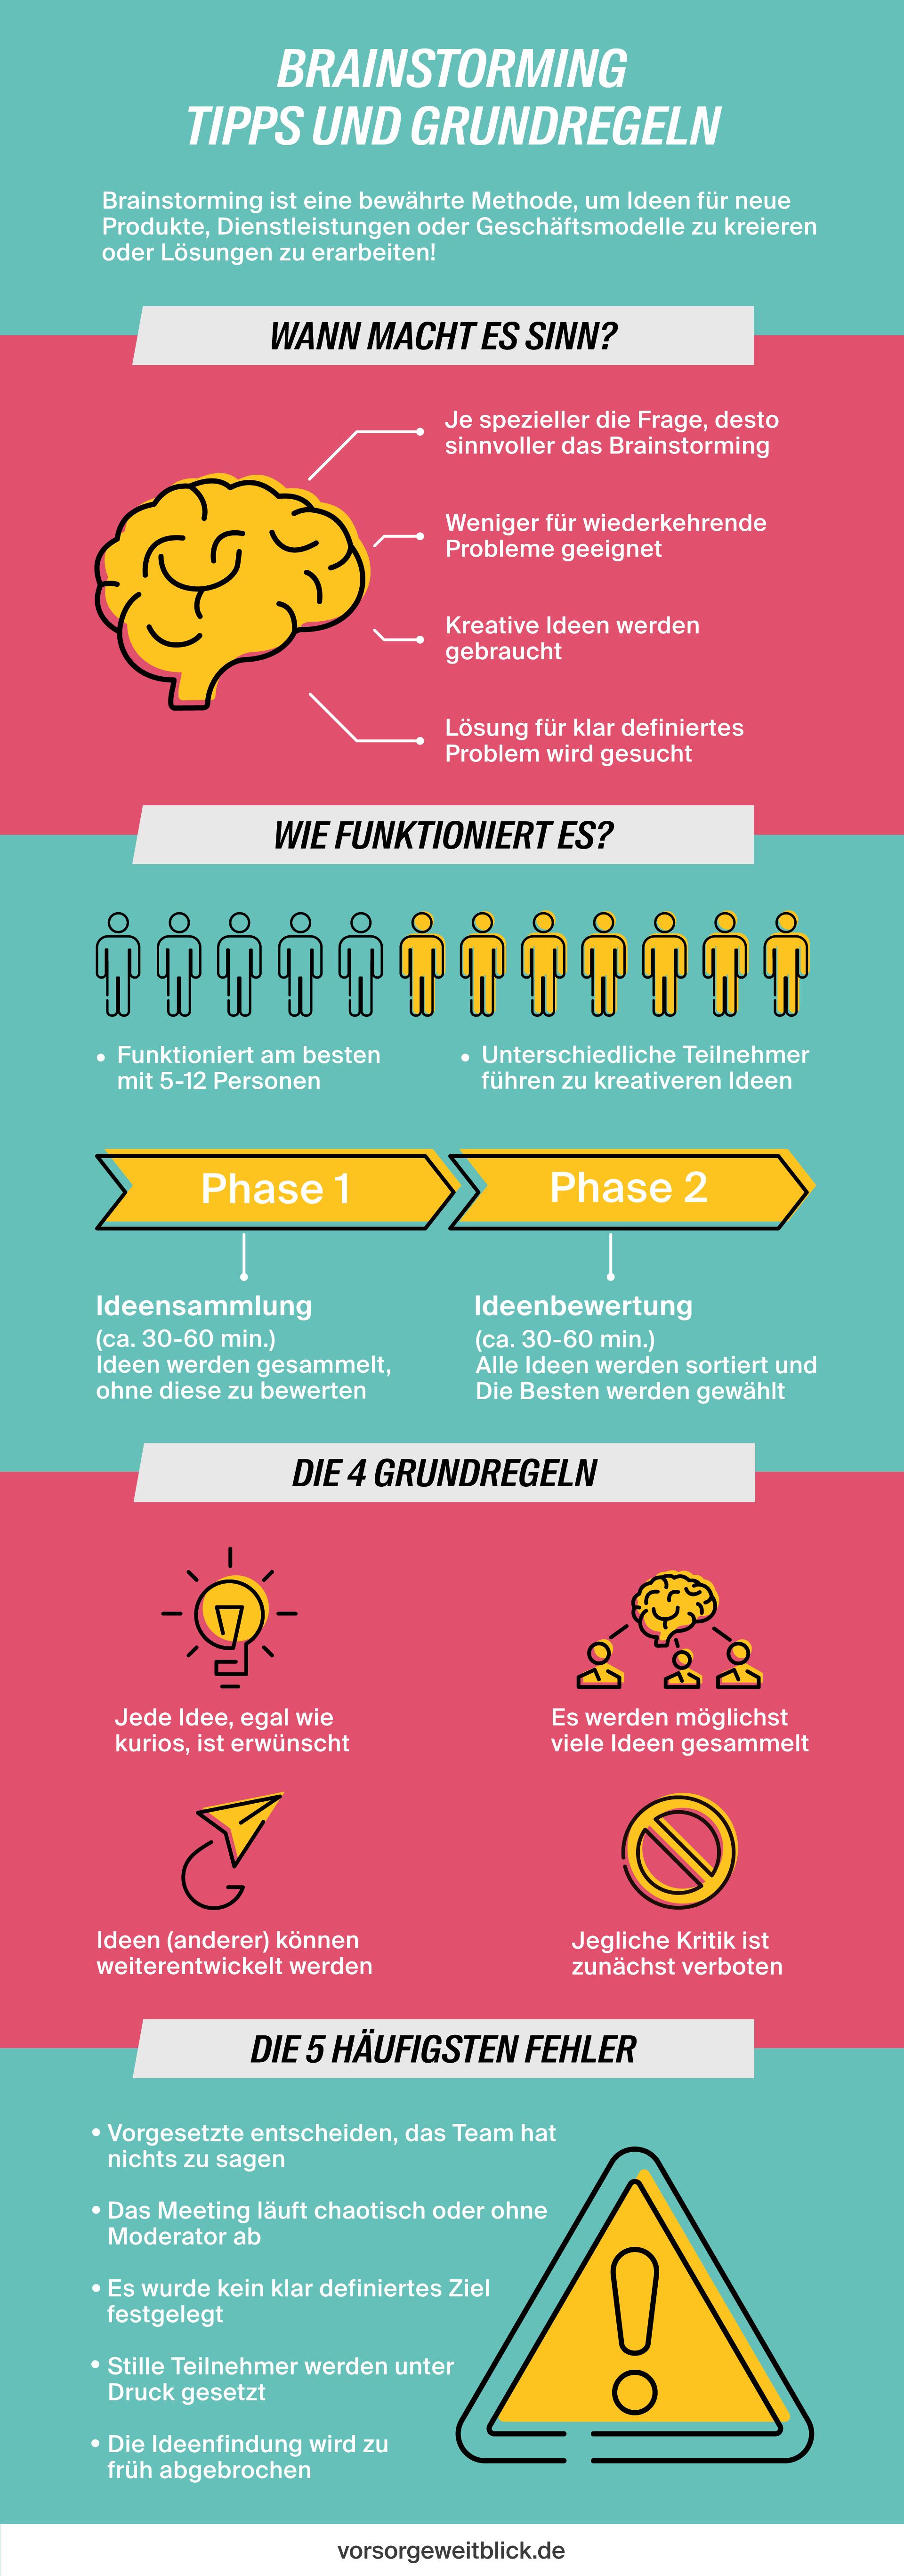 Infografik mit Tipps und Grundregeln zum Brainstorming.